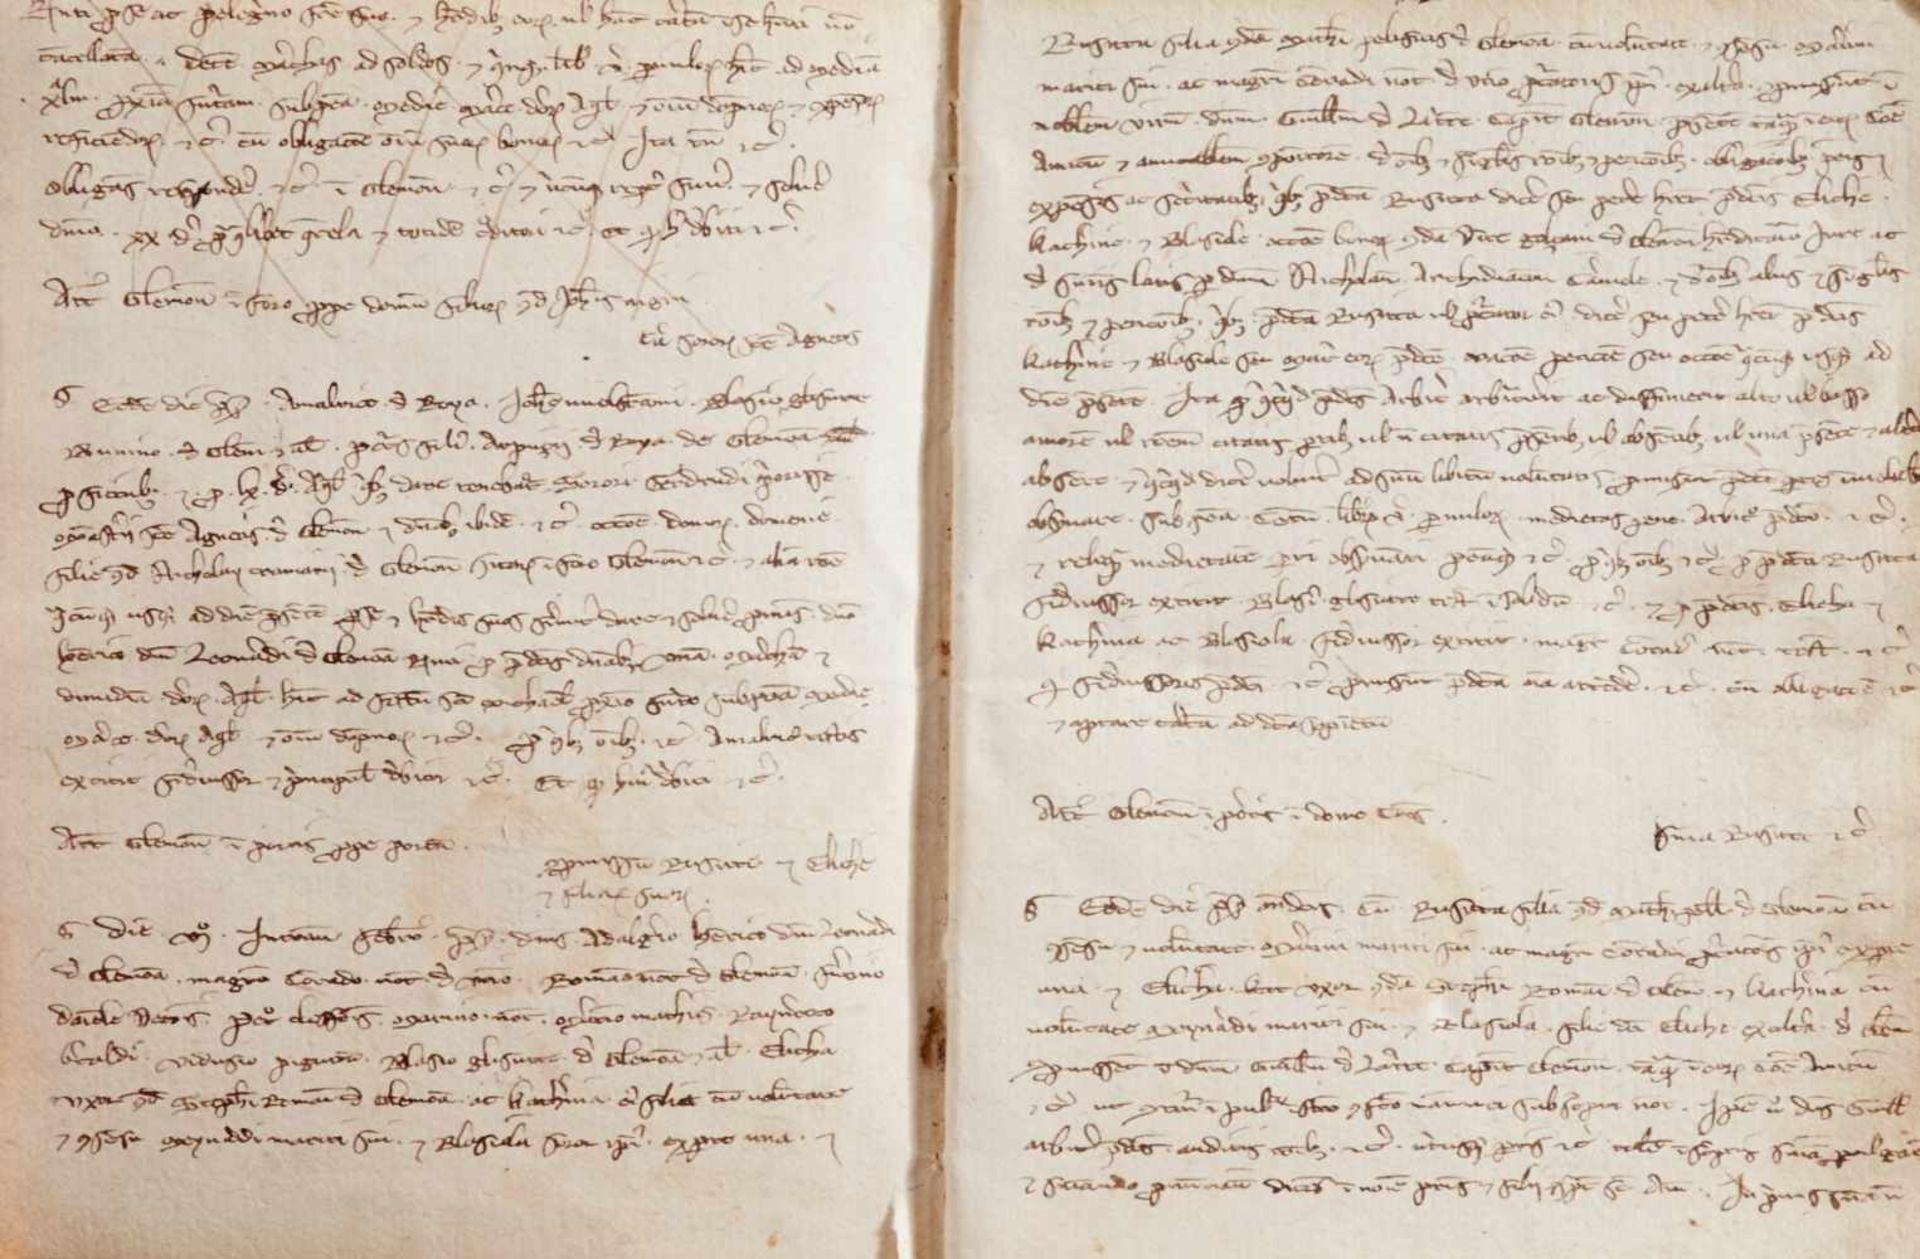 Gemona- Imbreviaturbuch des Notars Bartolomeo. Lateinische Handschrift auf Papier.Dat. Gemona ( - Bild 7 aus 9